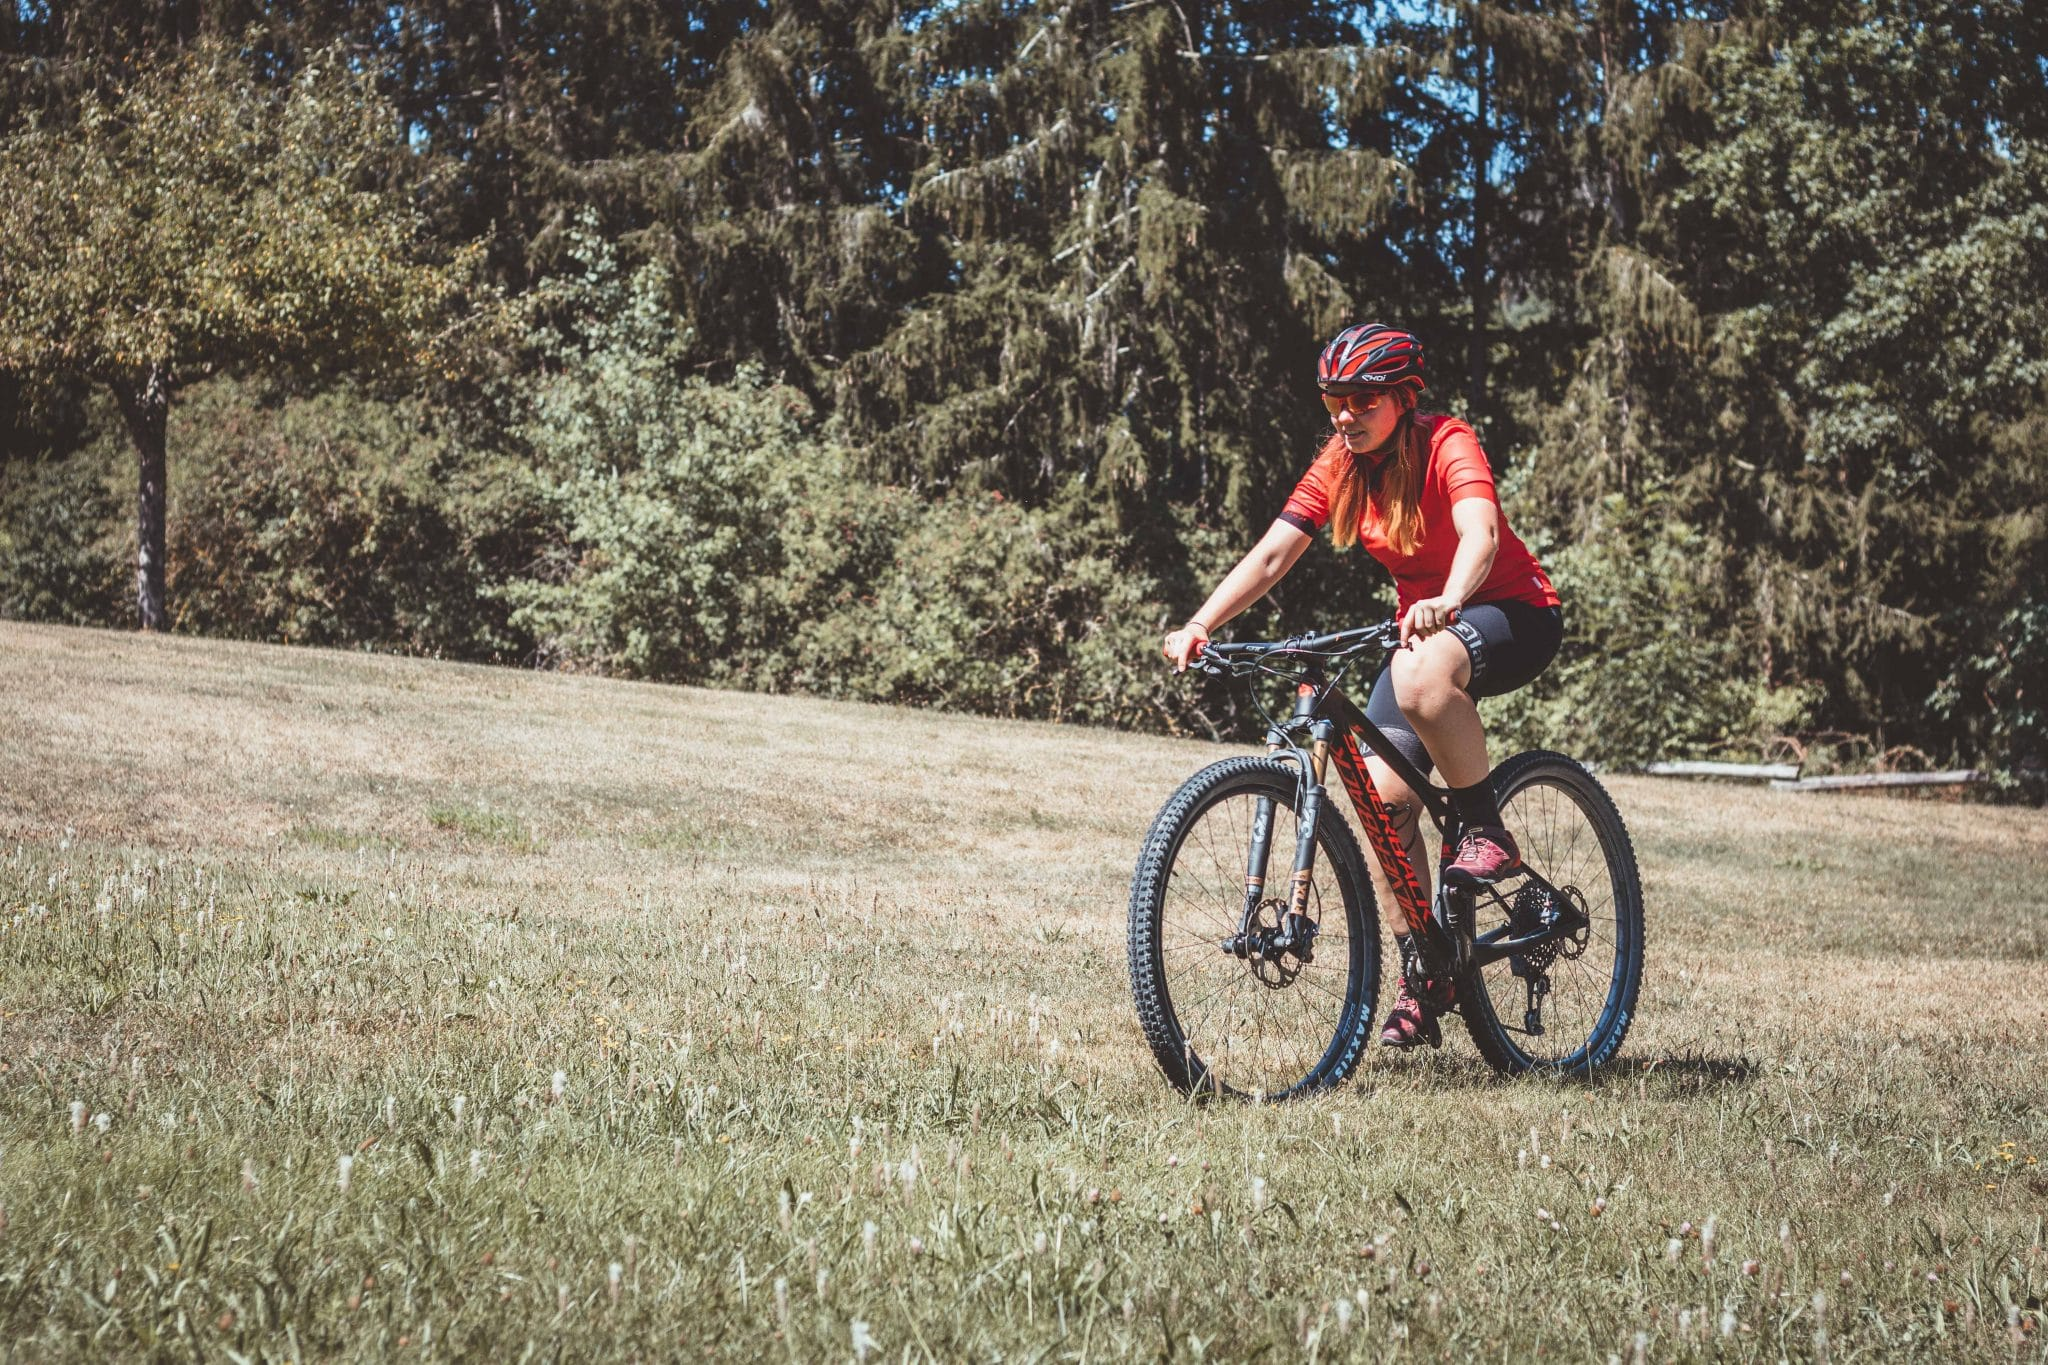 Radfahren bei Hitze - Tipps bei heißem Wetter für Radfahrer und Radler